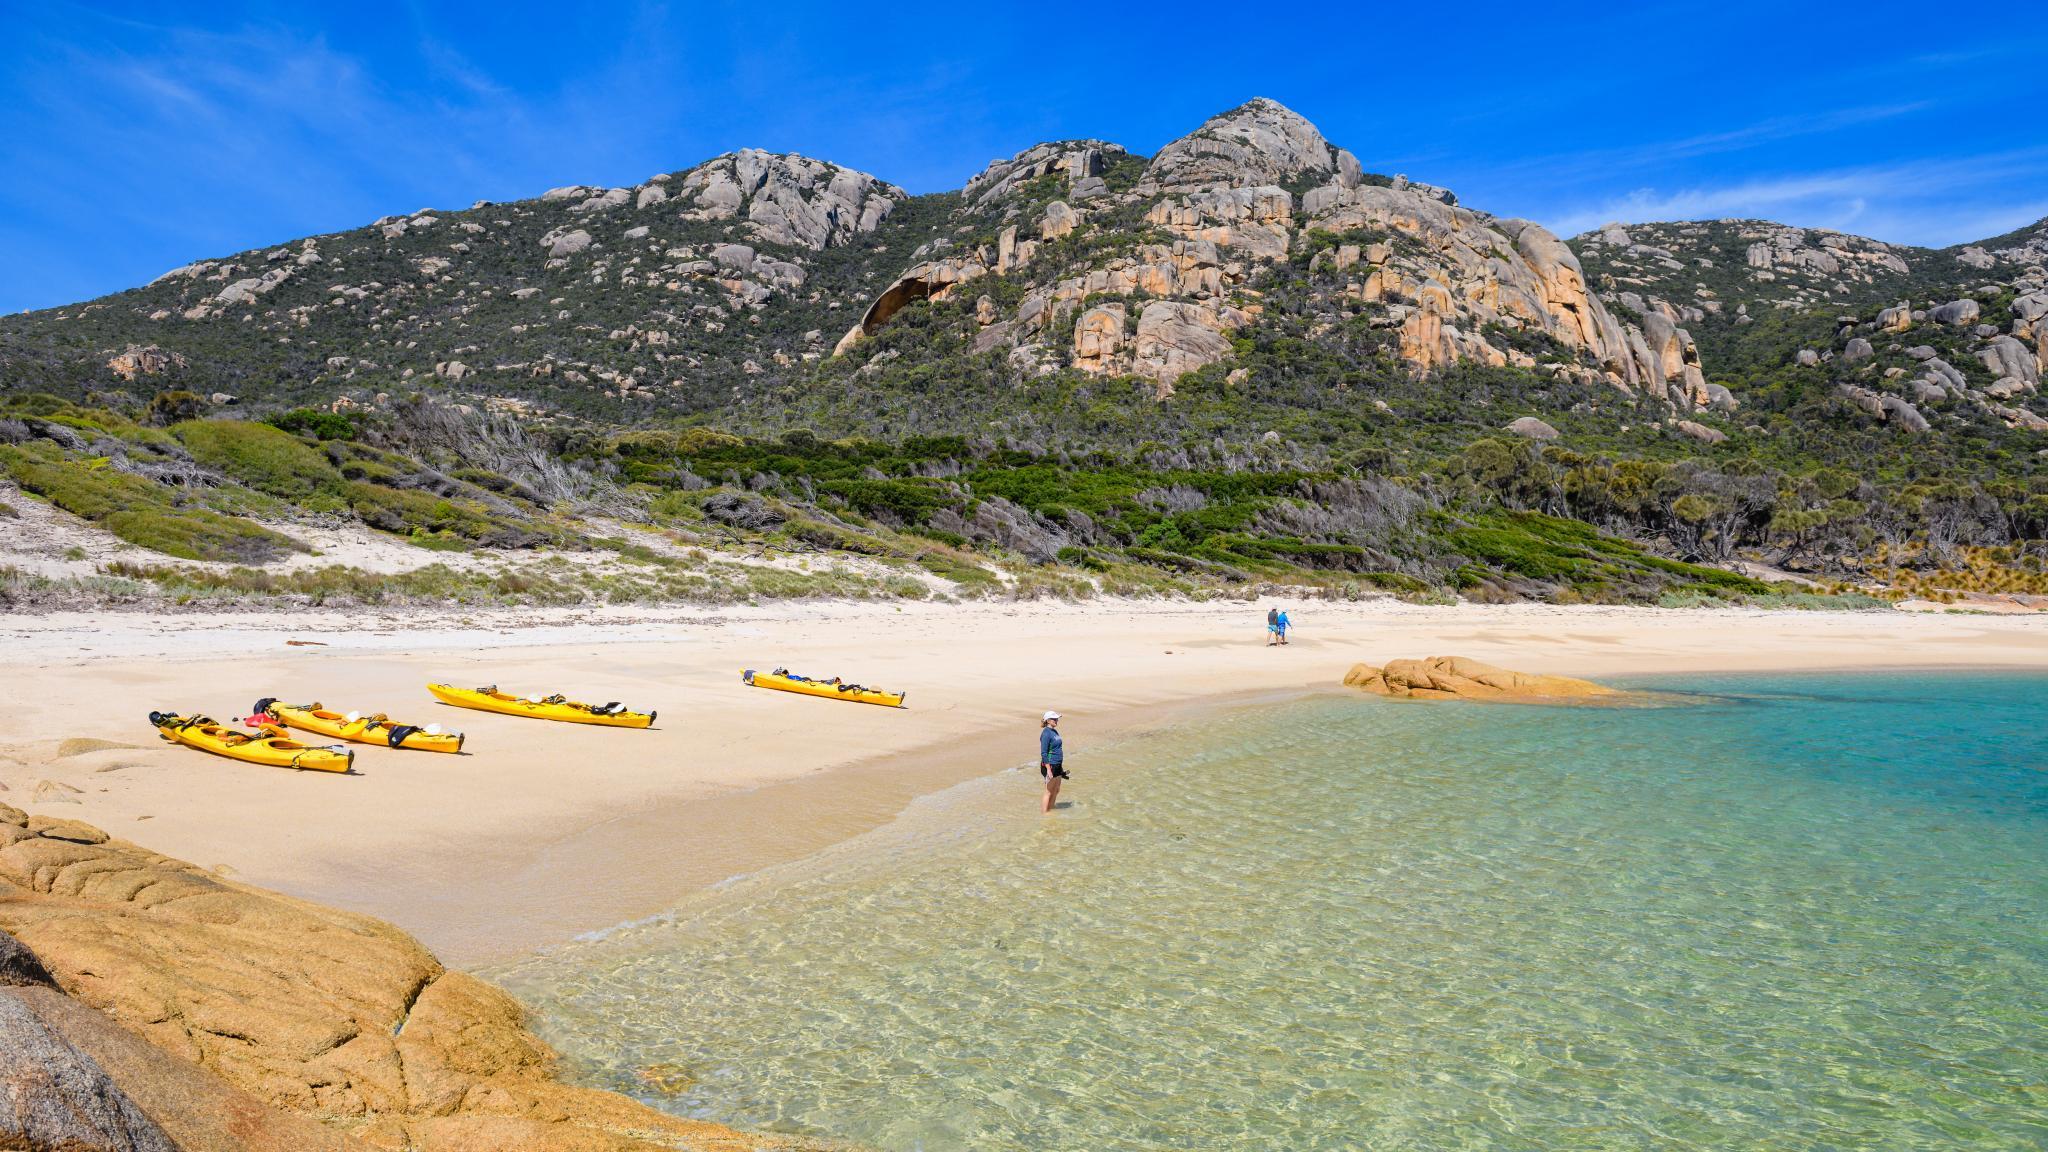 Roaring 40s Kayaking - Kayaking adventures on Flinders Island - Adventures Tasmania